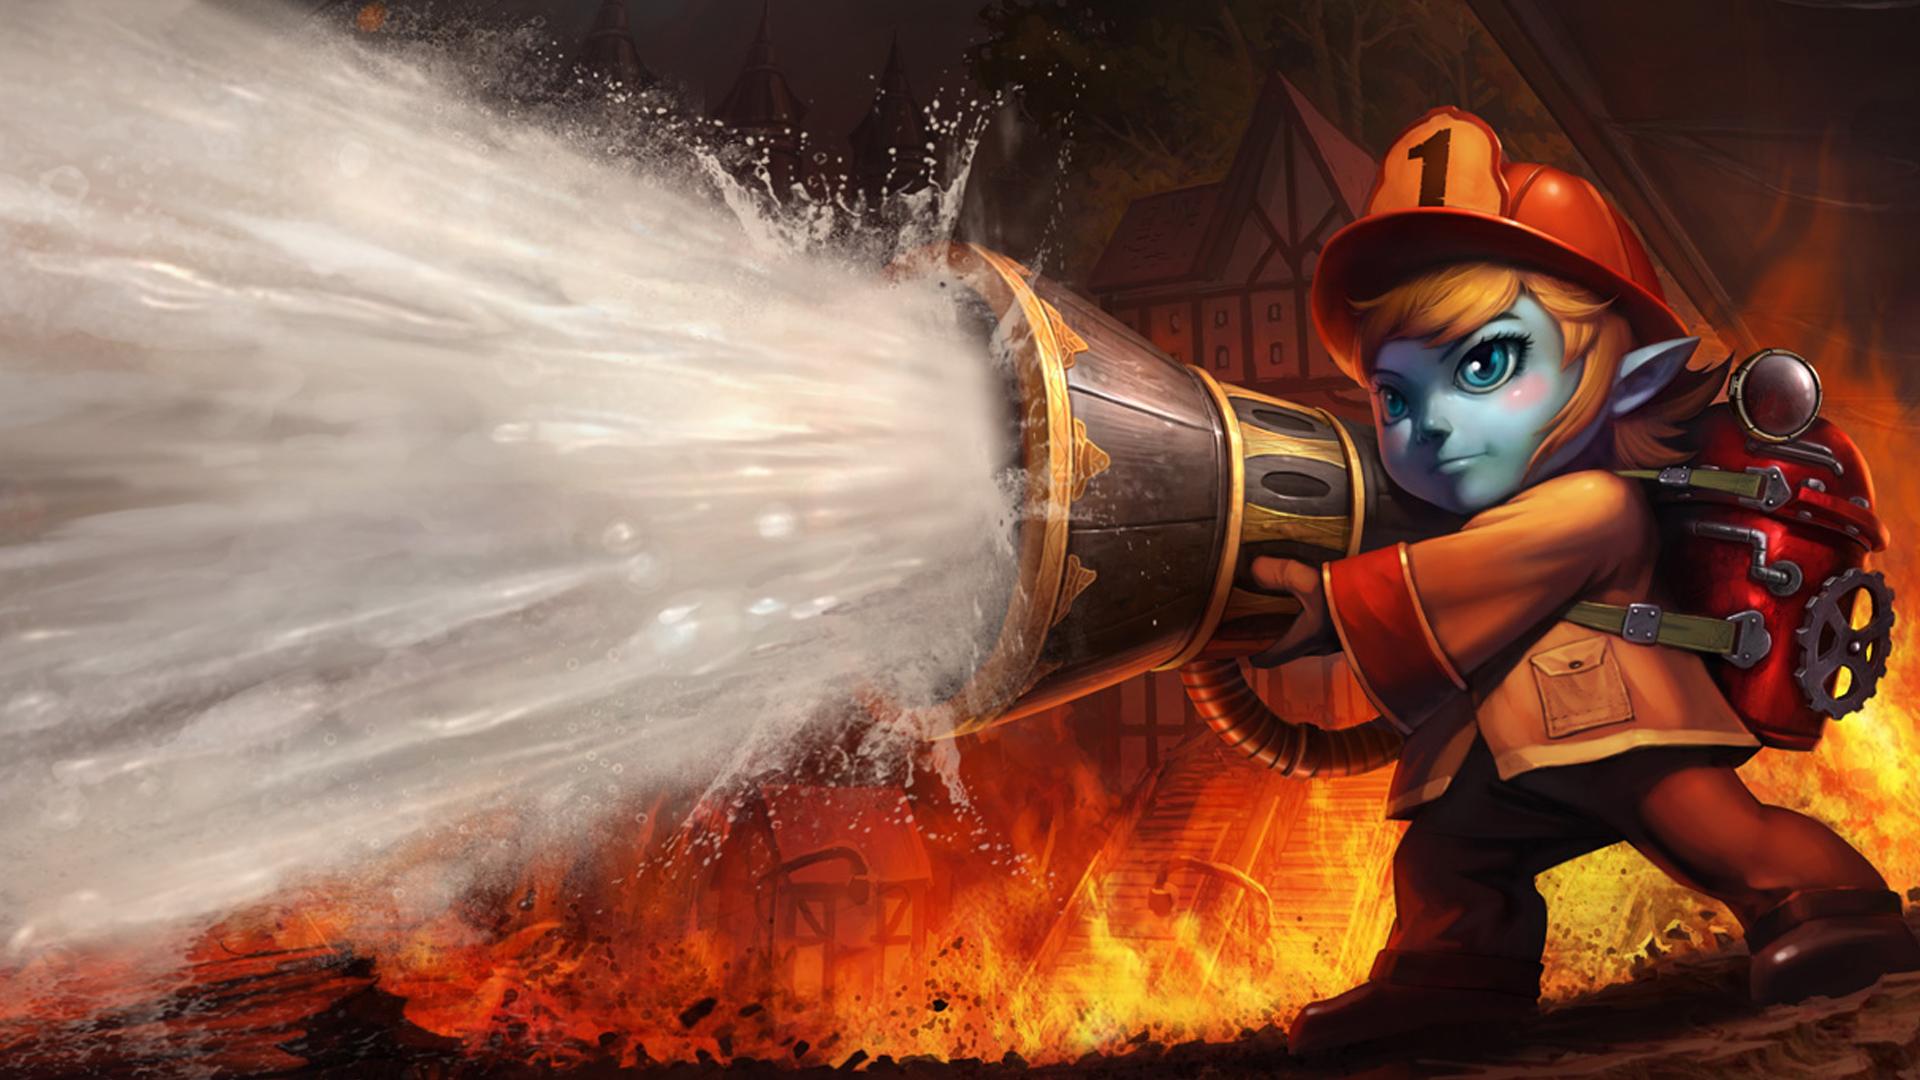 Tristana Firefighter Skin 9e HD Wallpaper